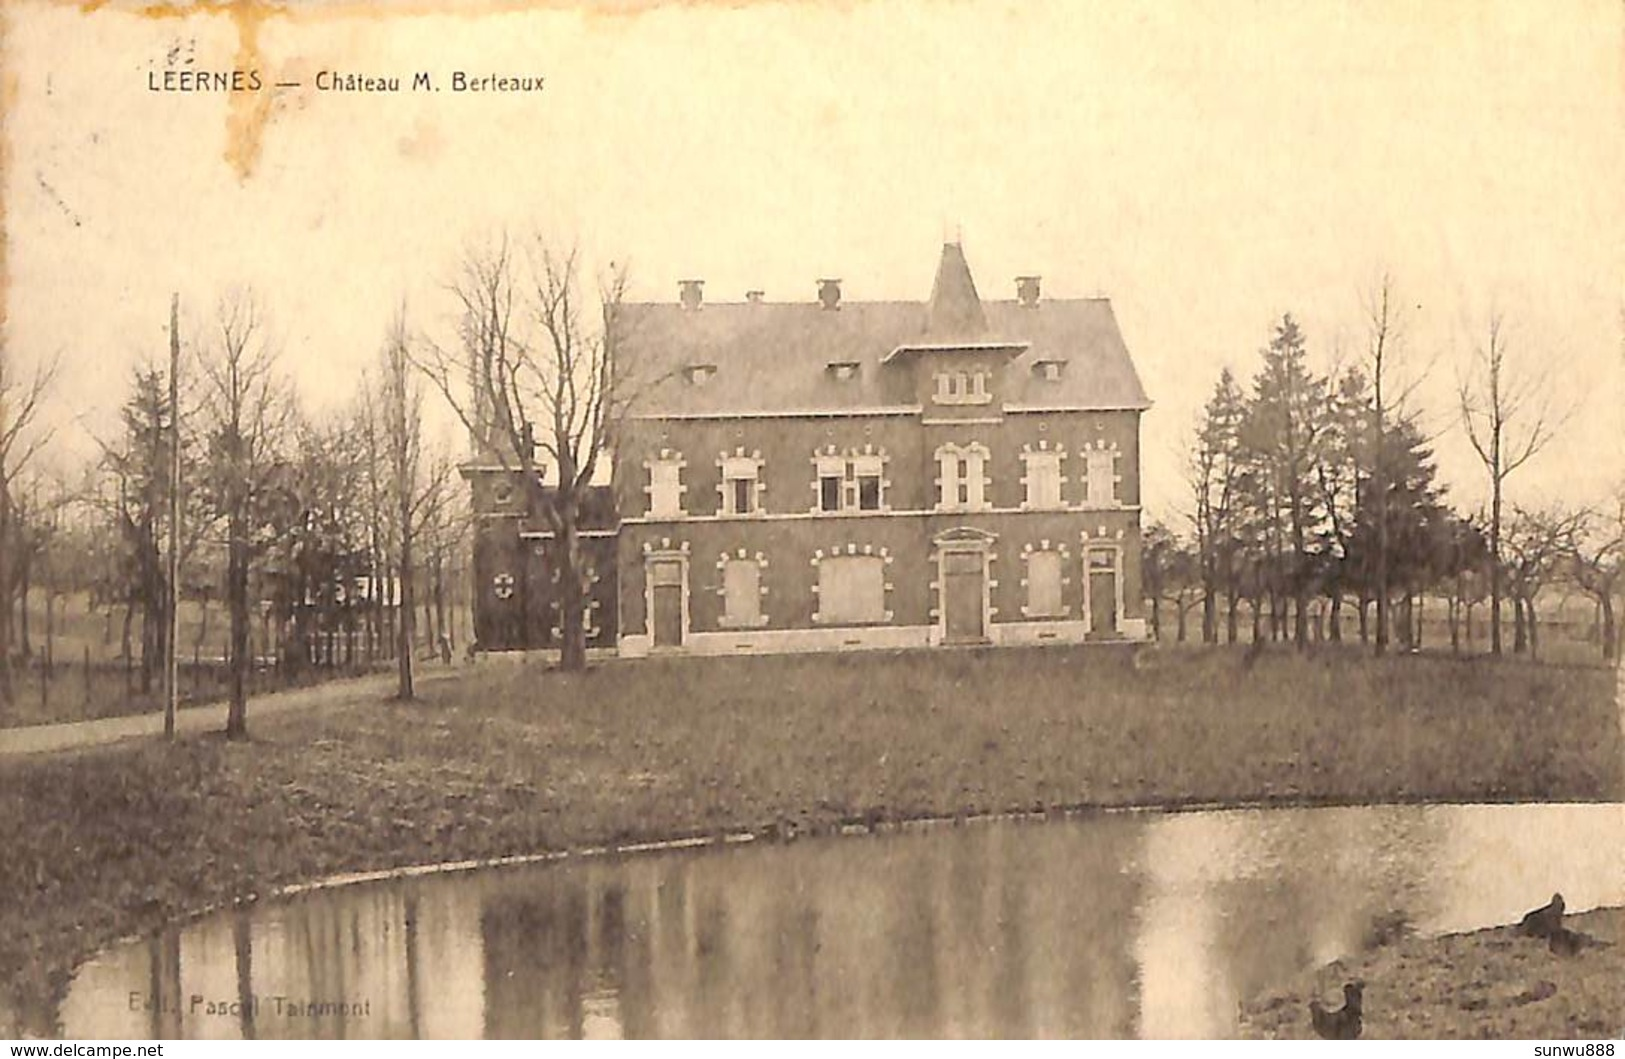 Leernes - Château M. Berteaux (Edit. Pascal Tainmont, Phototypie Desaix 1935) - Fontaine-l'Evêque